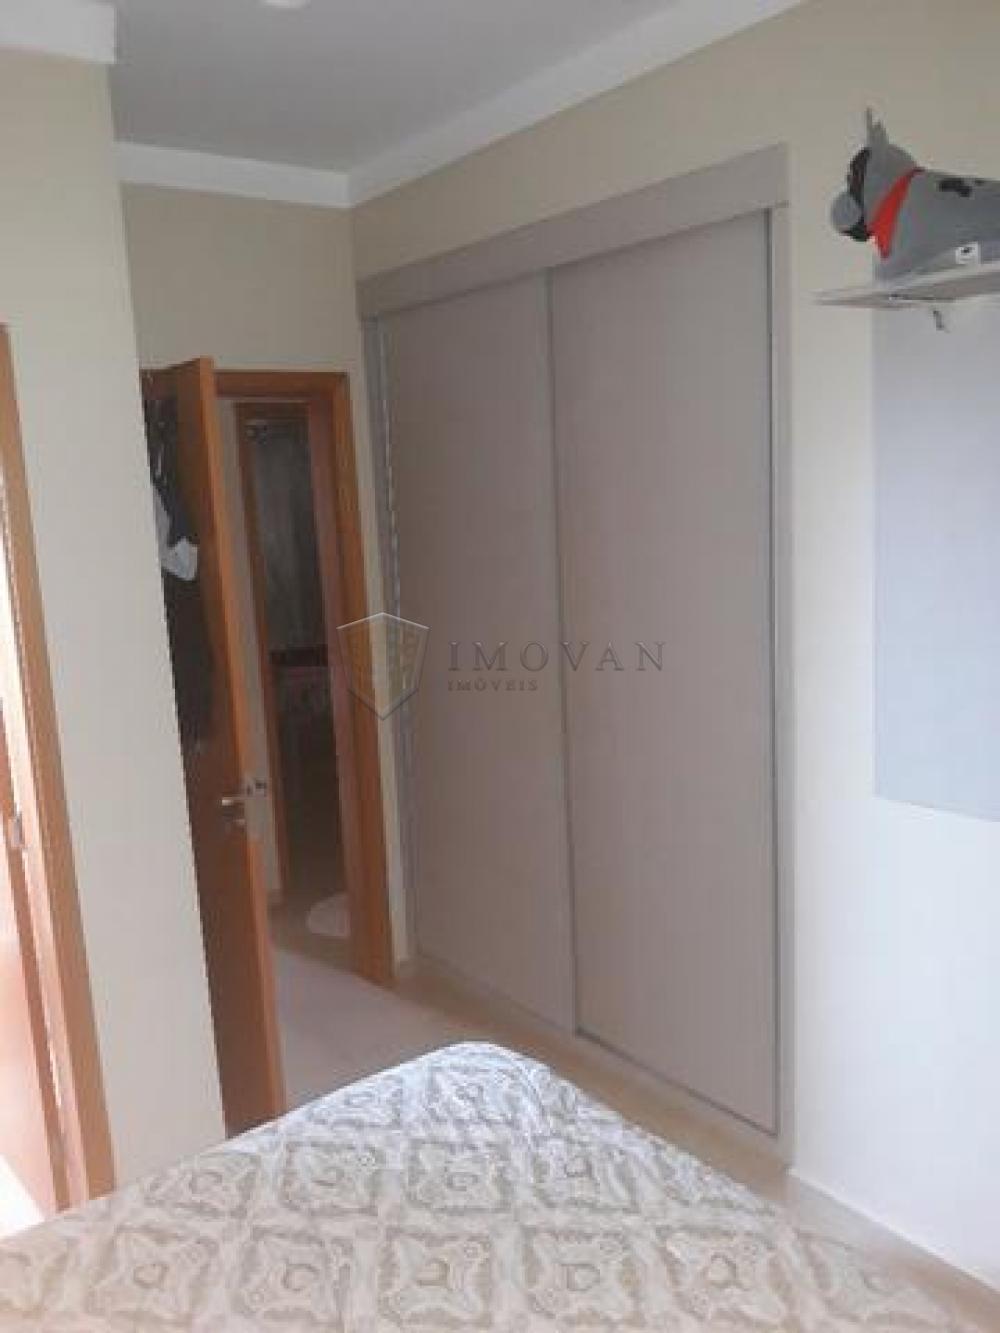 Comprar Apartamento / Padrão em Bonfim Paulista apenas R$ 299.000,00 - Foto 8